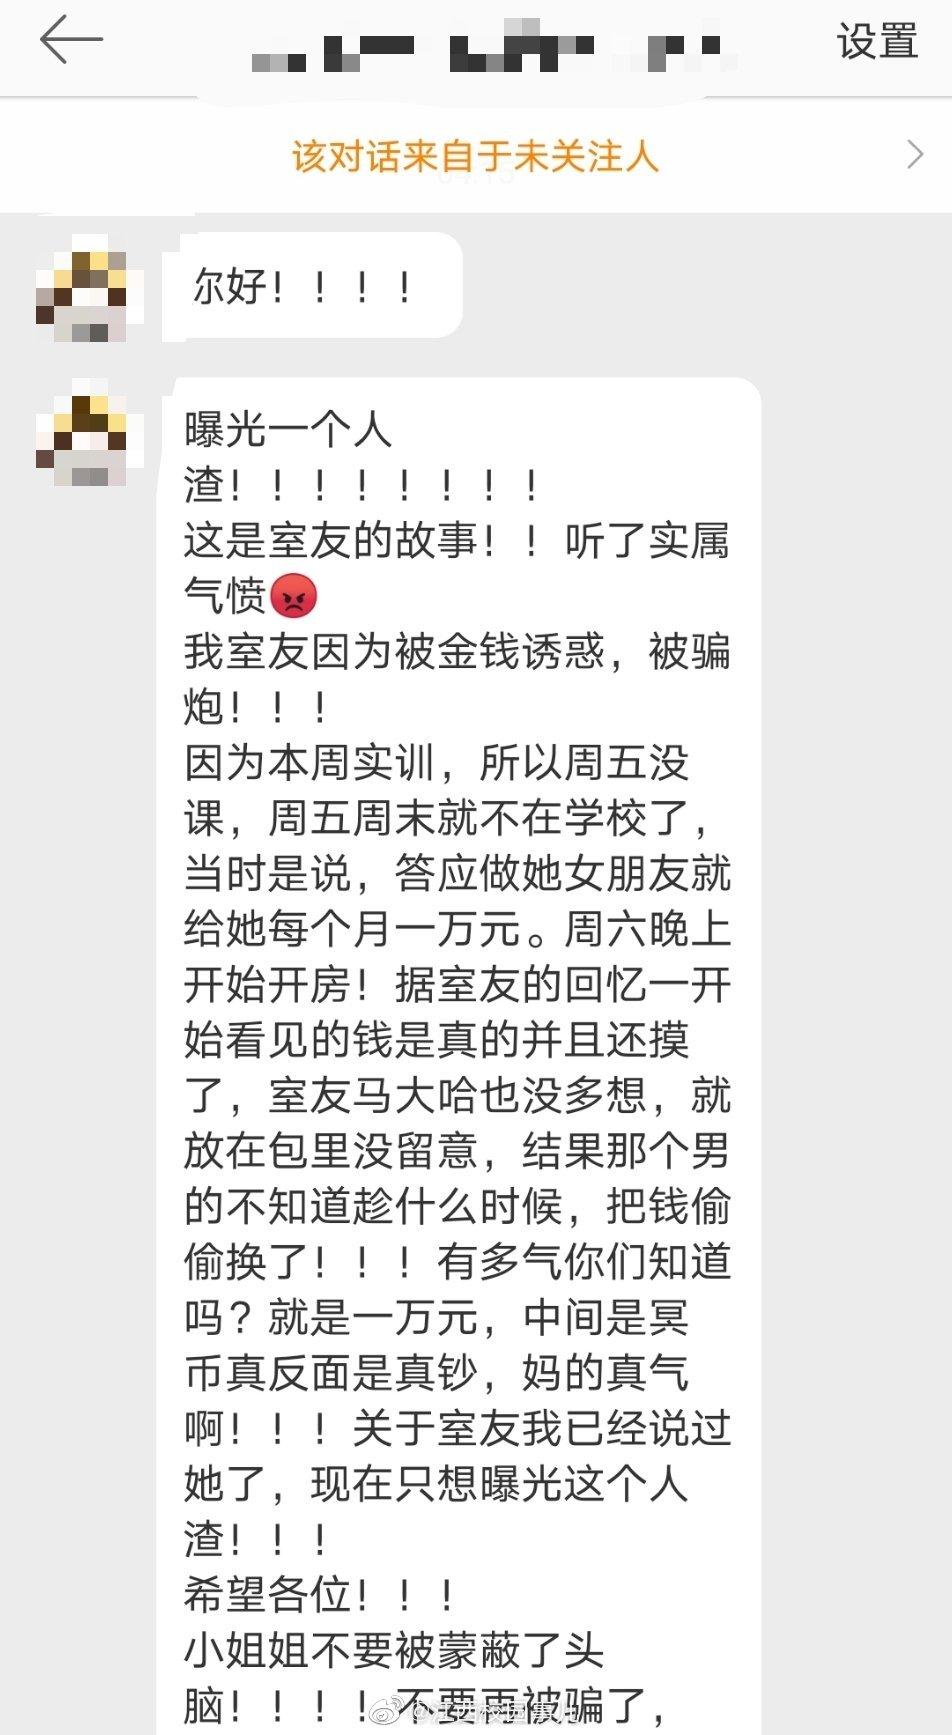 江西南昌一 女大学生网上认识一男子被金钱诱惑